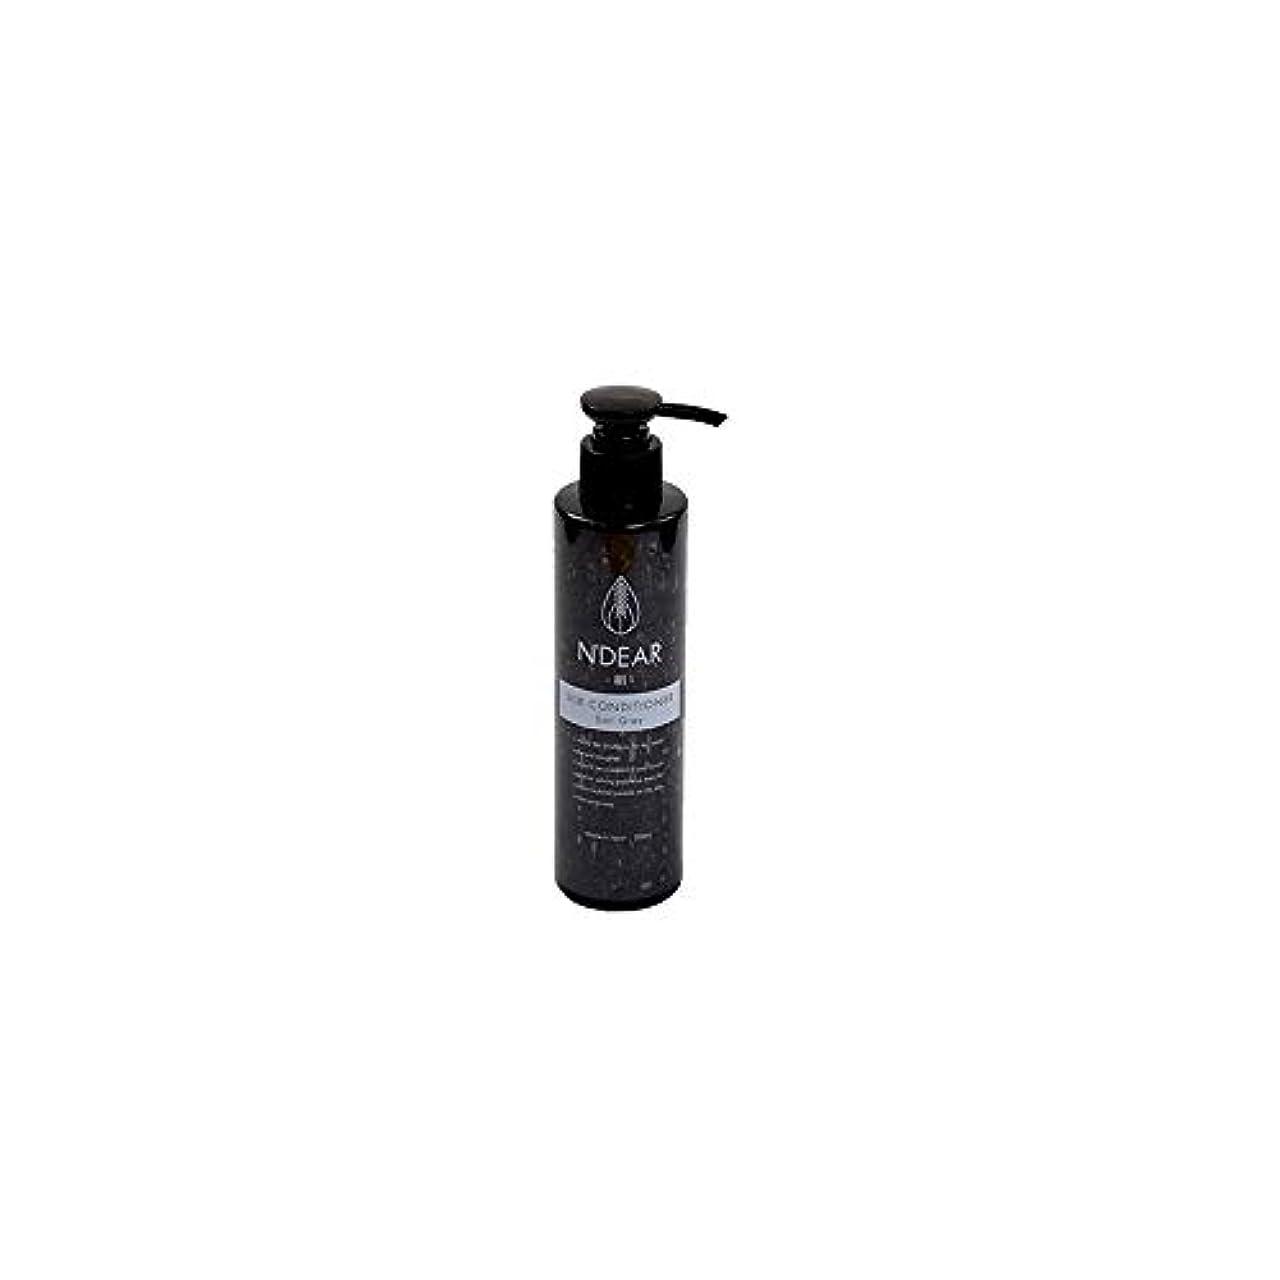 乳剤粘着性却下するN'DEAR 絹 コンディショナー 無添加 ノンシリコン アミノ酸系洗浄/ヒアルロン酸 セラミド シルク シアバター 配合